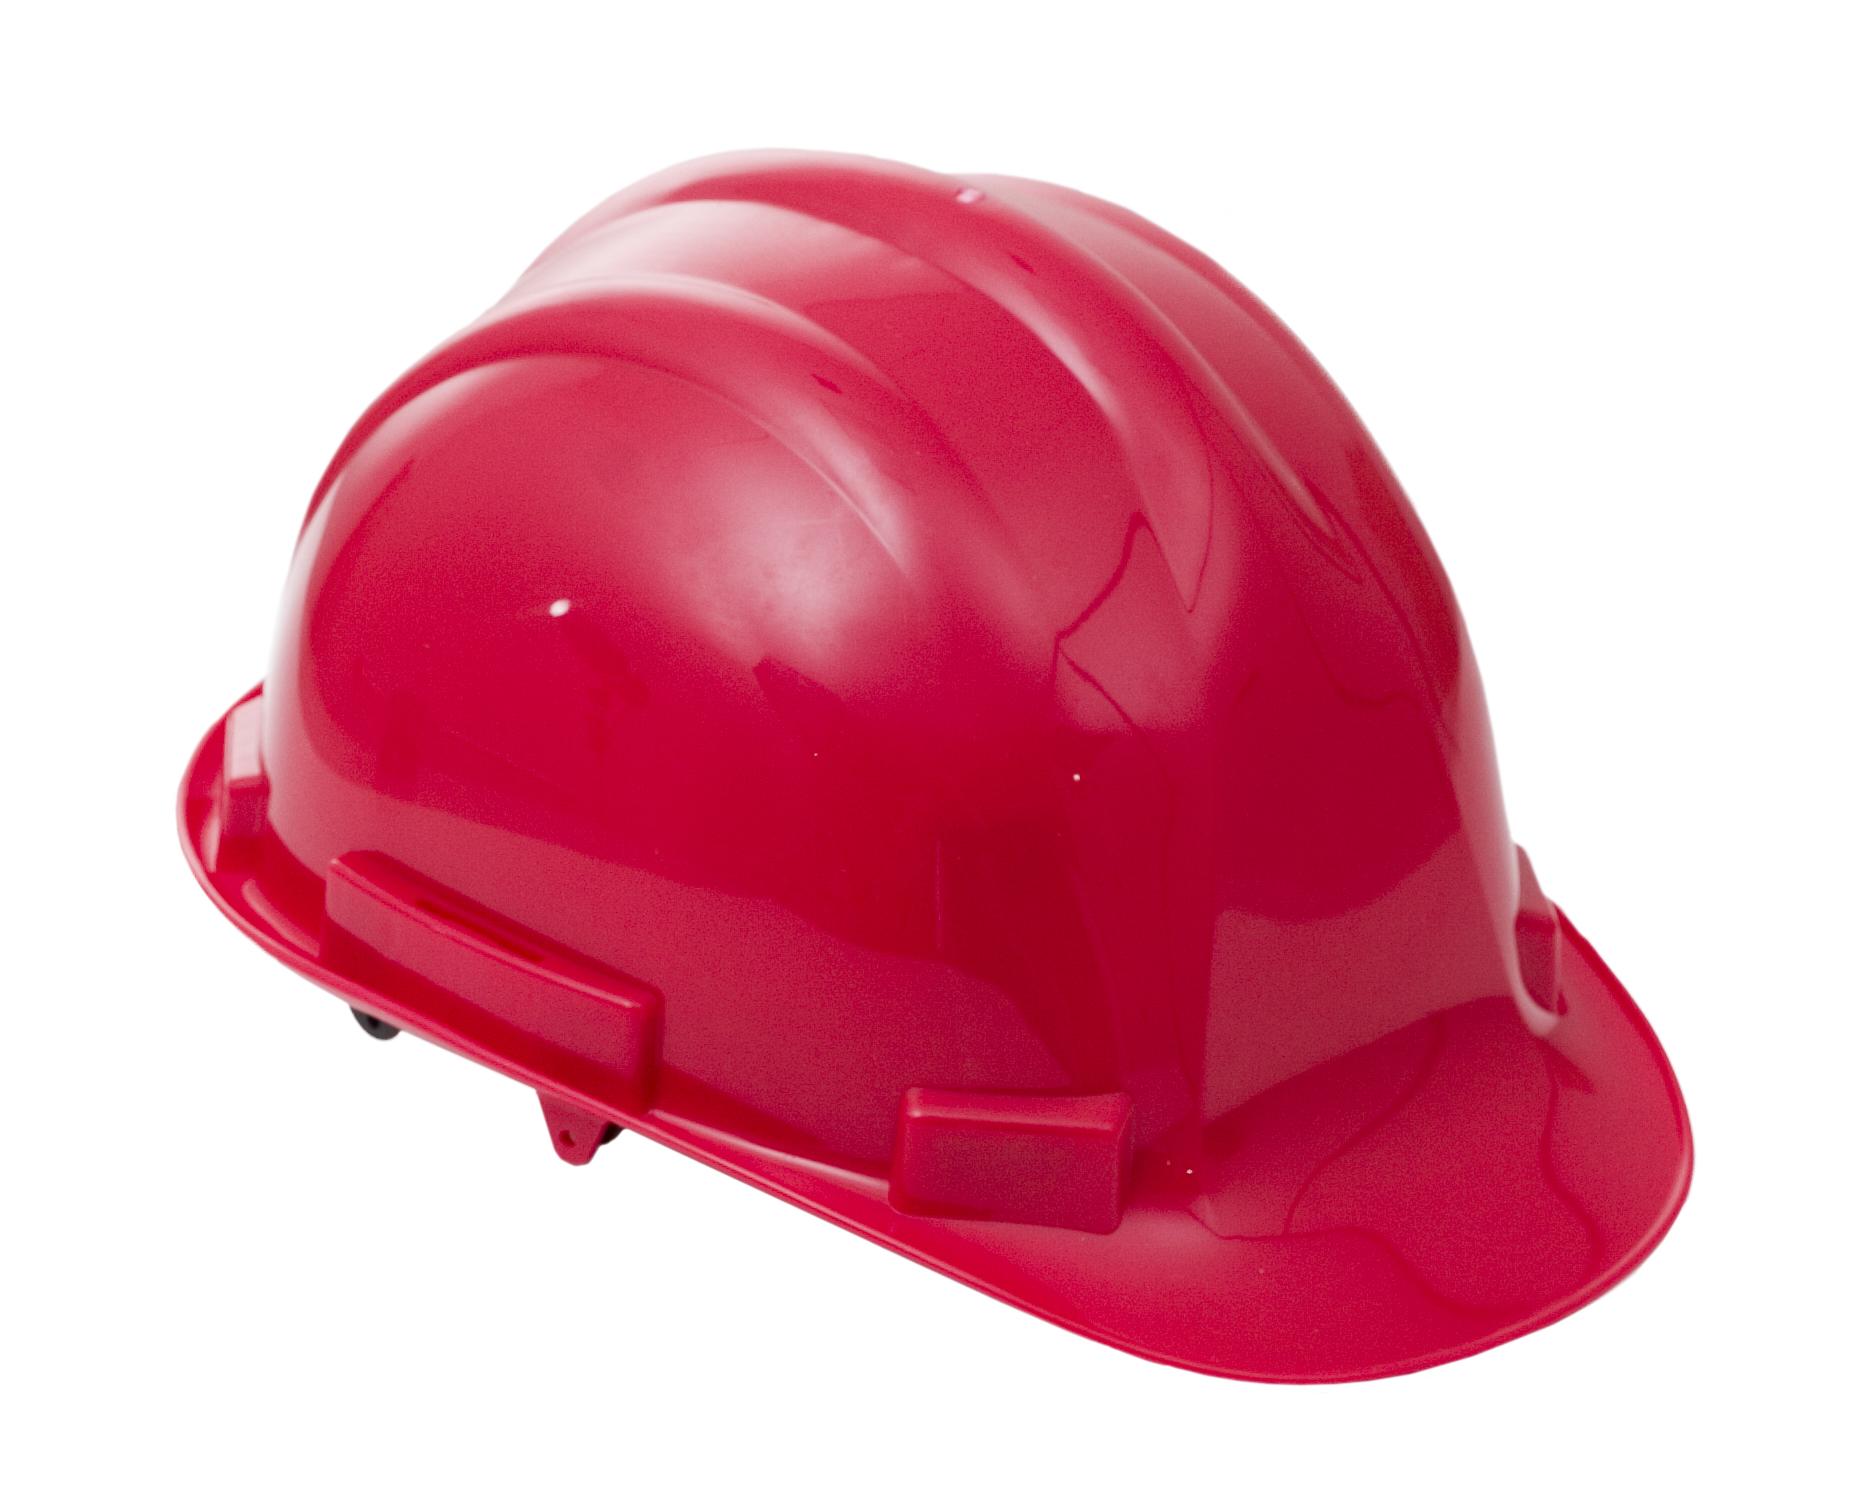 Proforce Head Protection Red Comfort Helmet